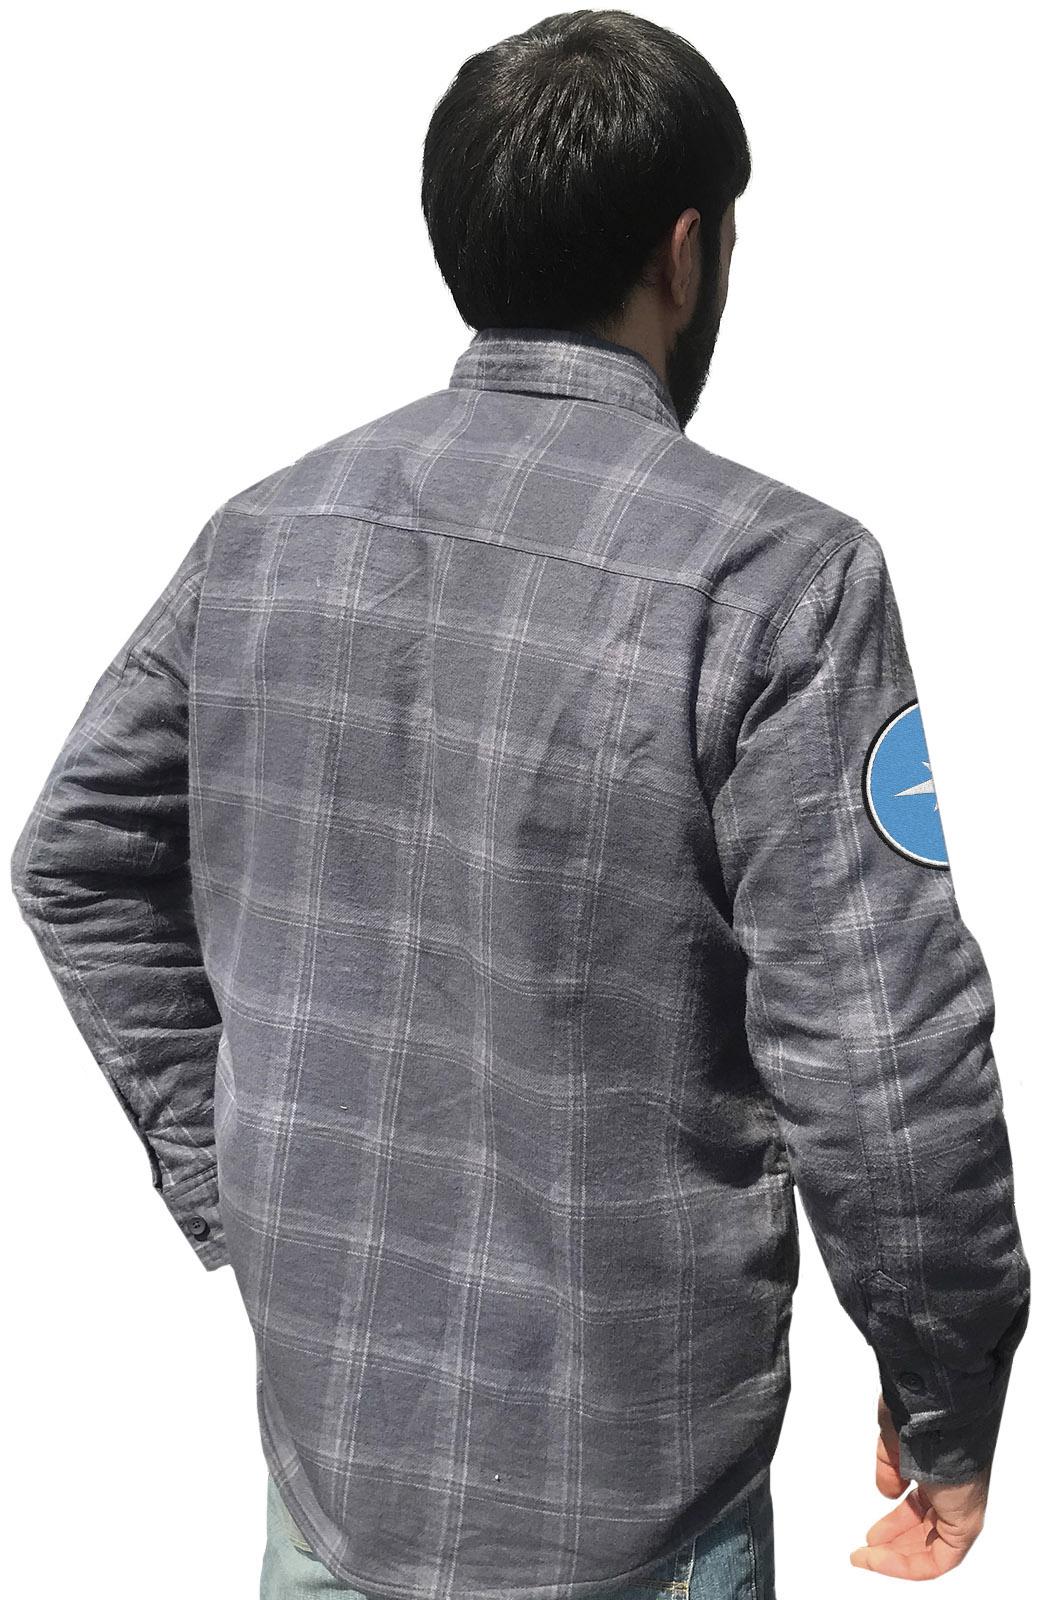 Купить лучшую рубашку с вышитым шевроном МЧС в подарок любимому